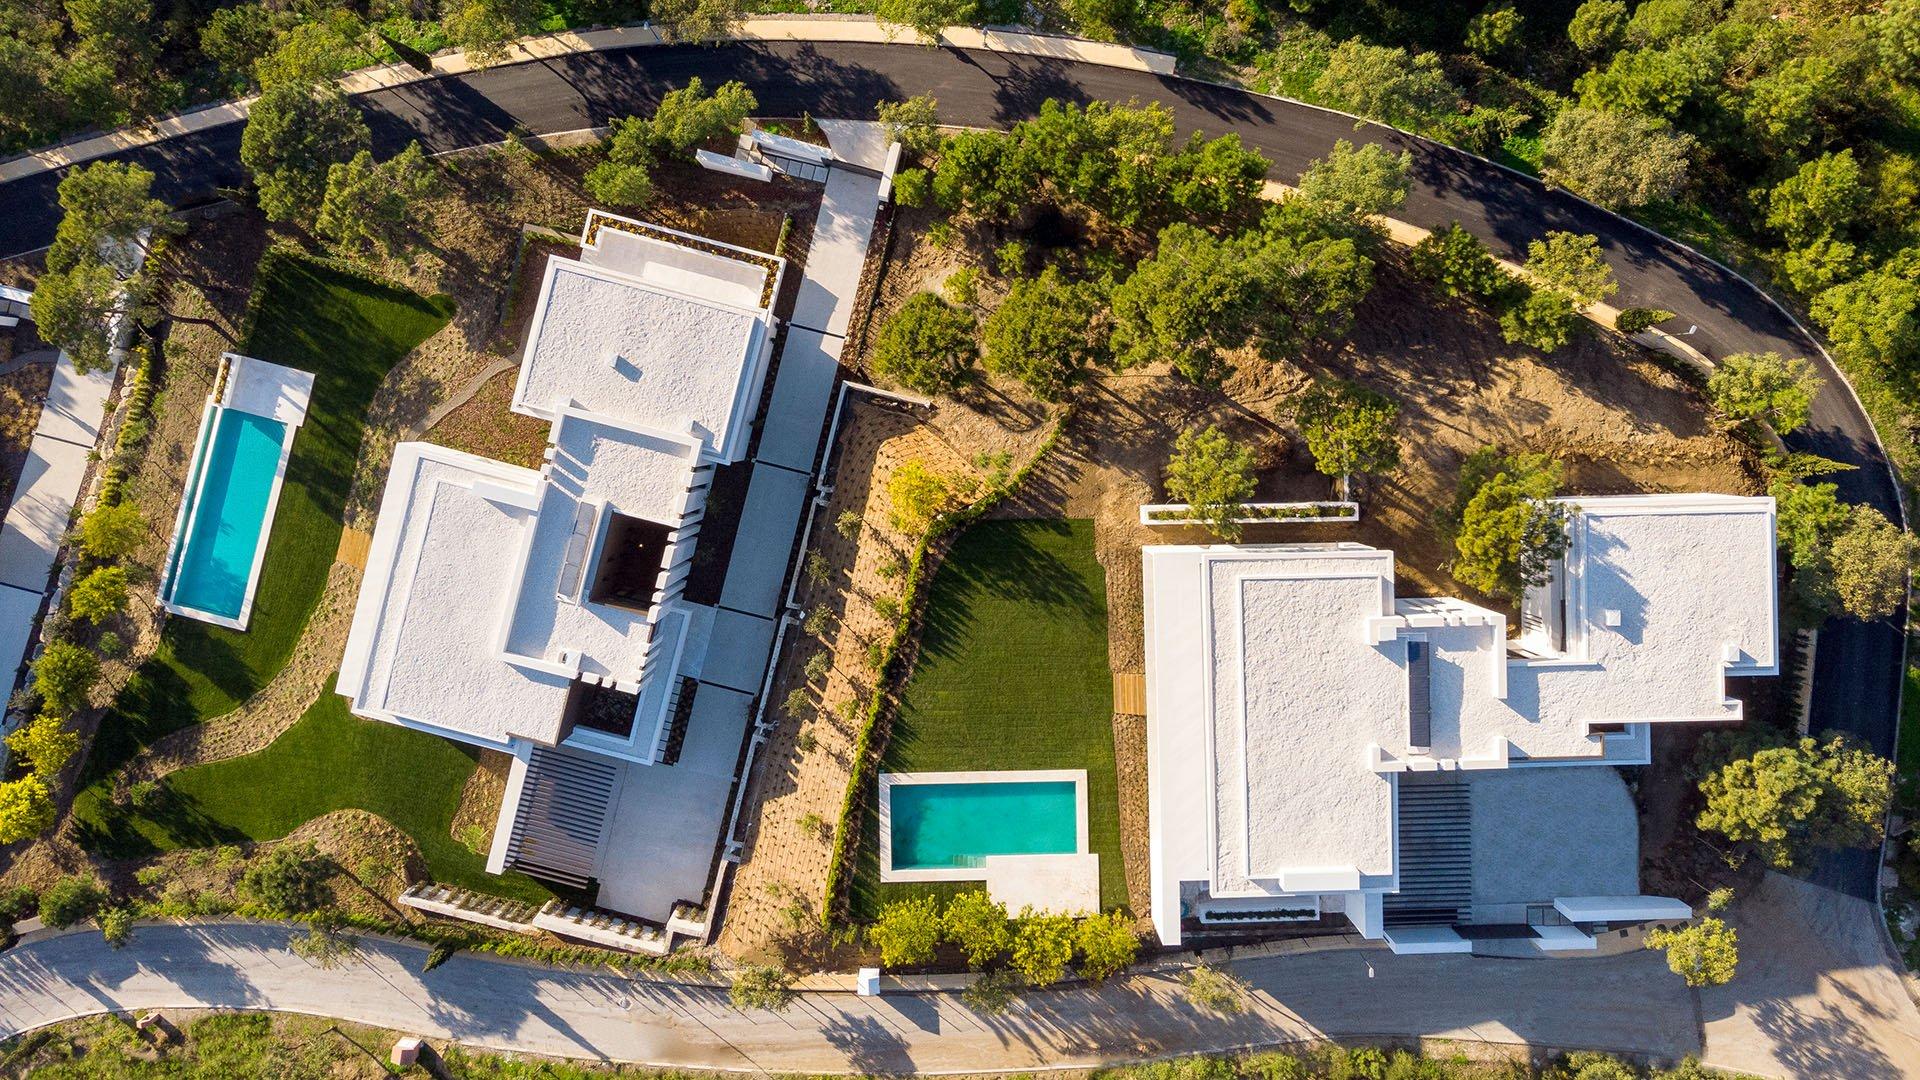 El Bosque: Modern luxury villas in an exclusive community in Benahavís